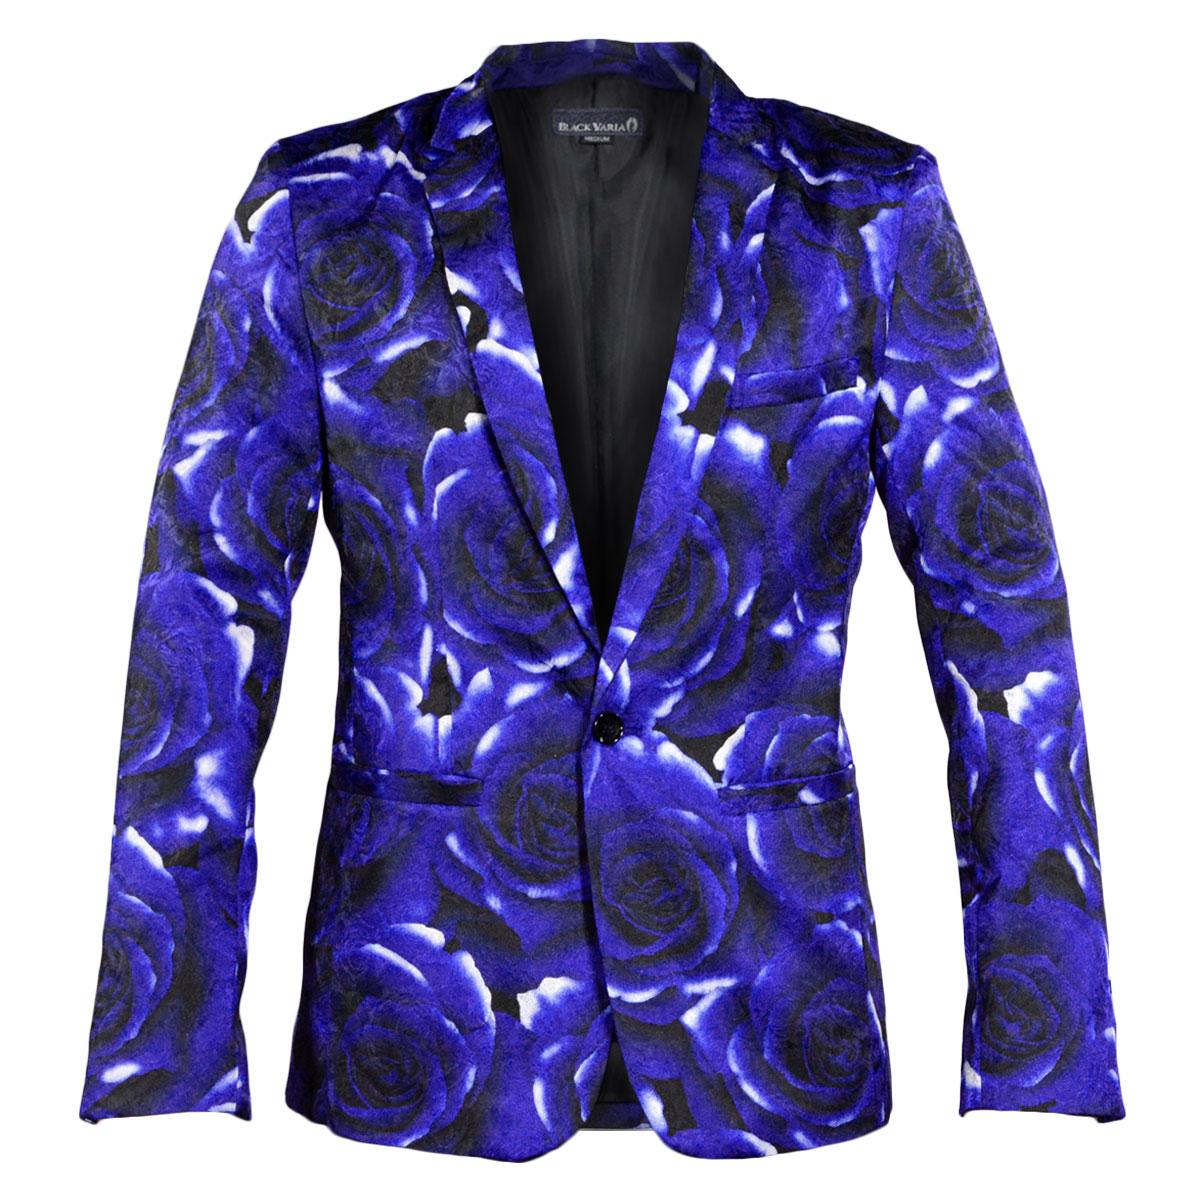 テーラードジャケット 花柄 薔薇 ジャガード メンズ 1釦 サテン 光沢 日本製 総柄 スリム ジャケット mens(ブルー青) 931722